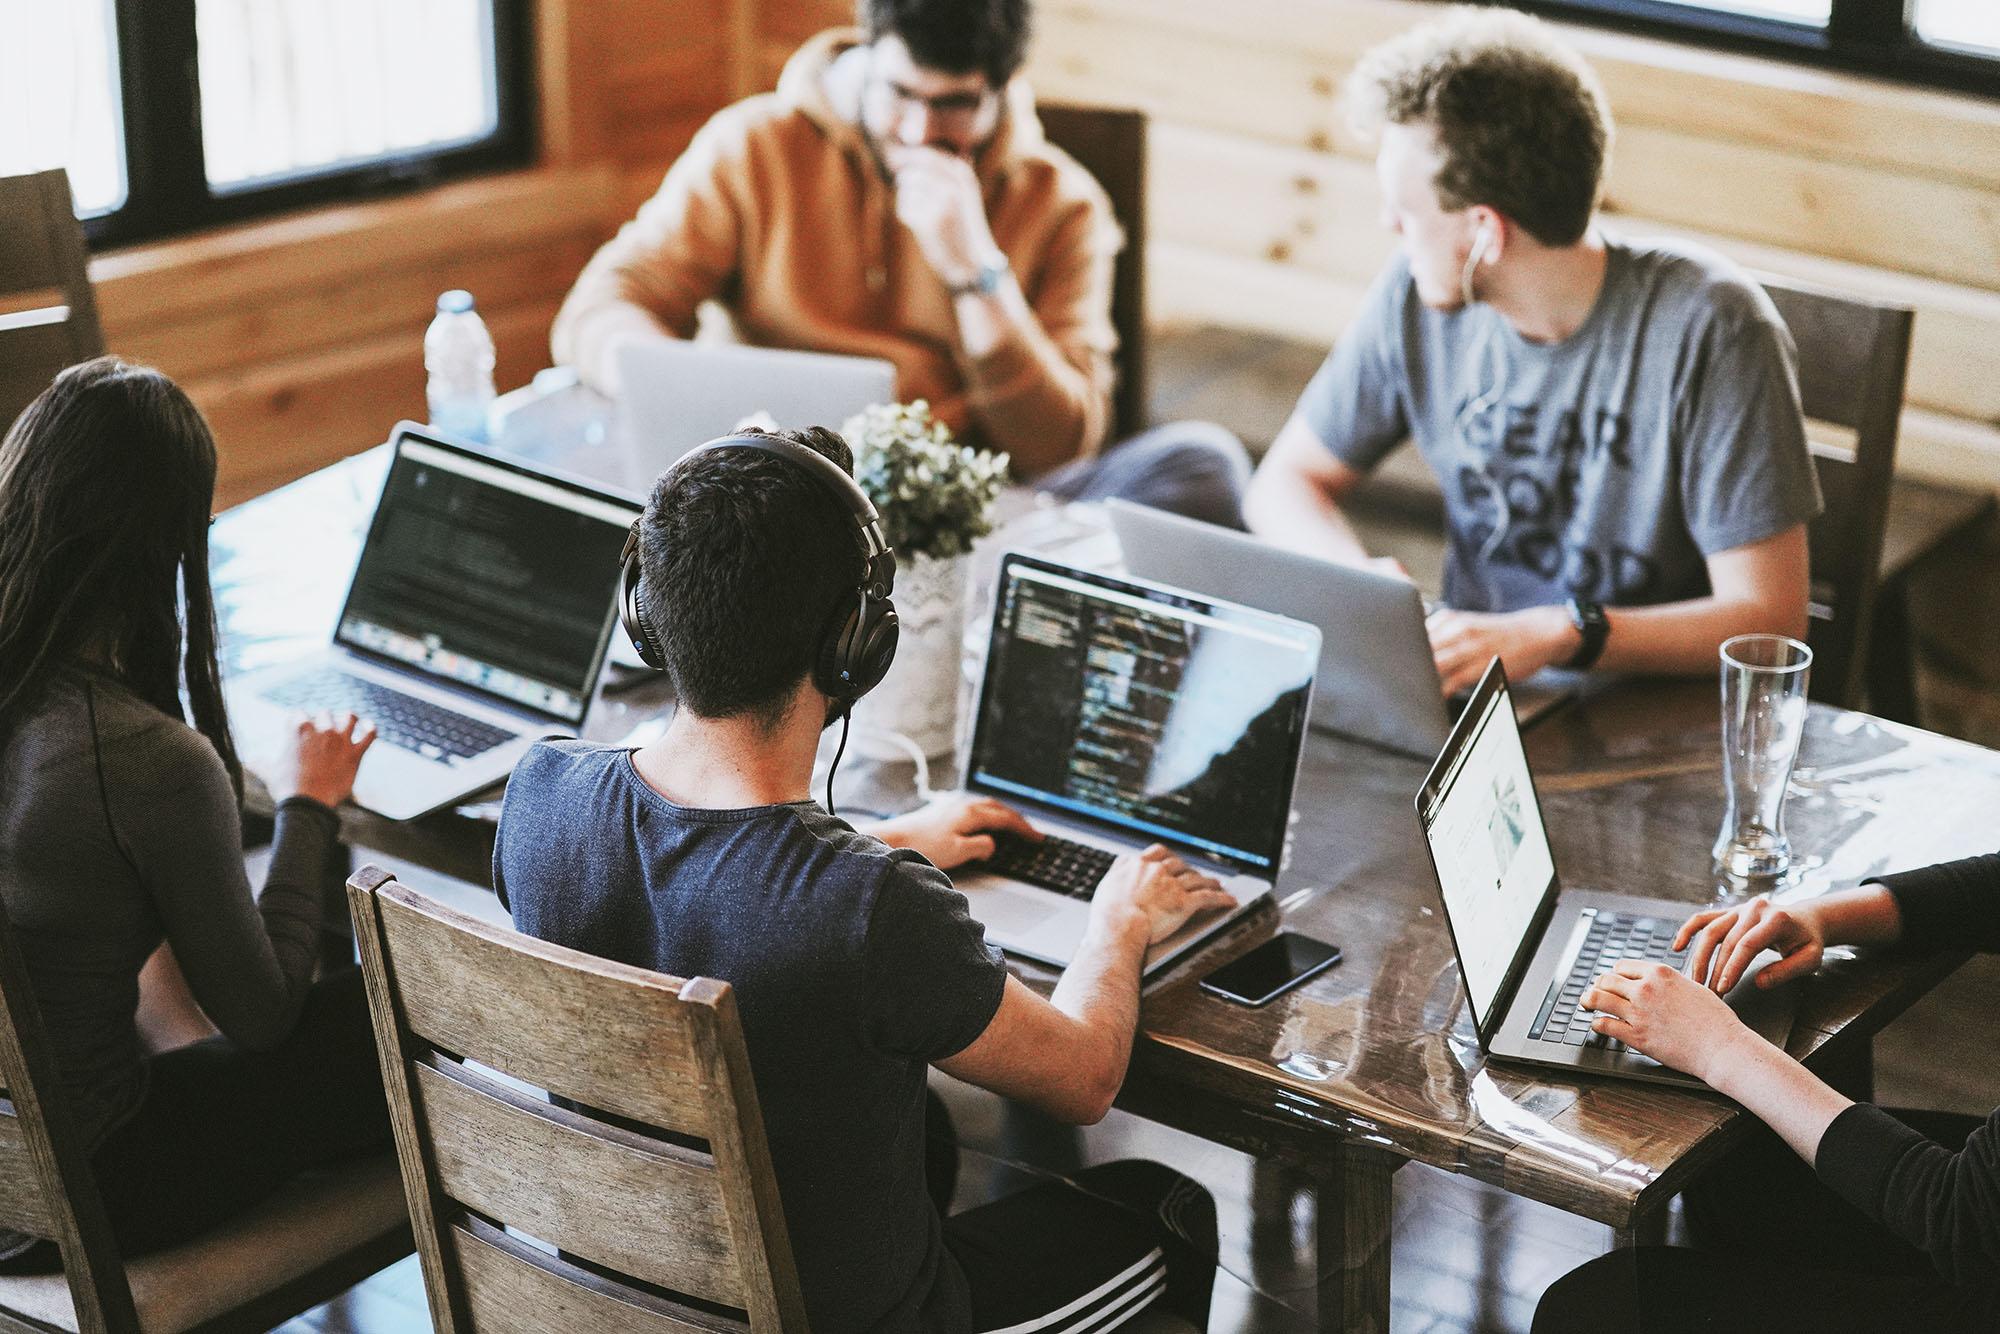 tech workers in workplace.jpg